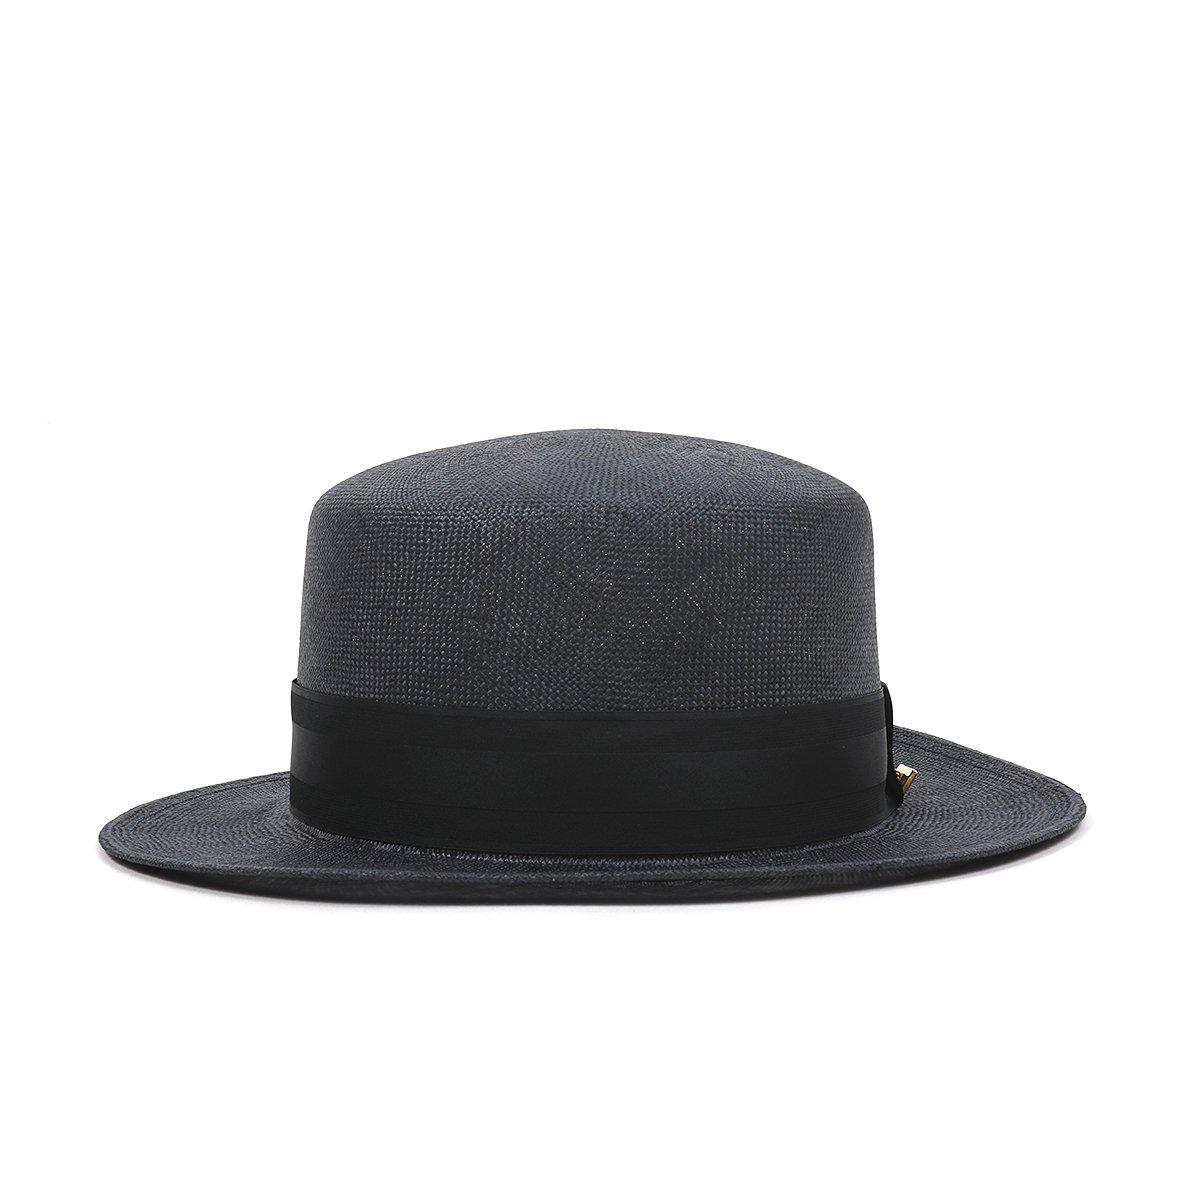 【LADY'S】SISOL PORK PIE HAT 詳細画像3